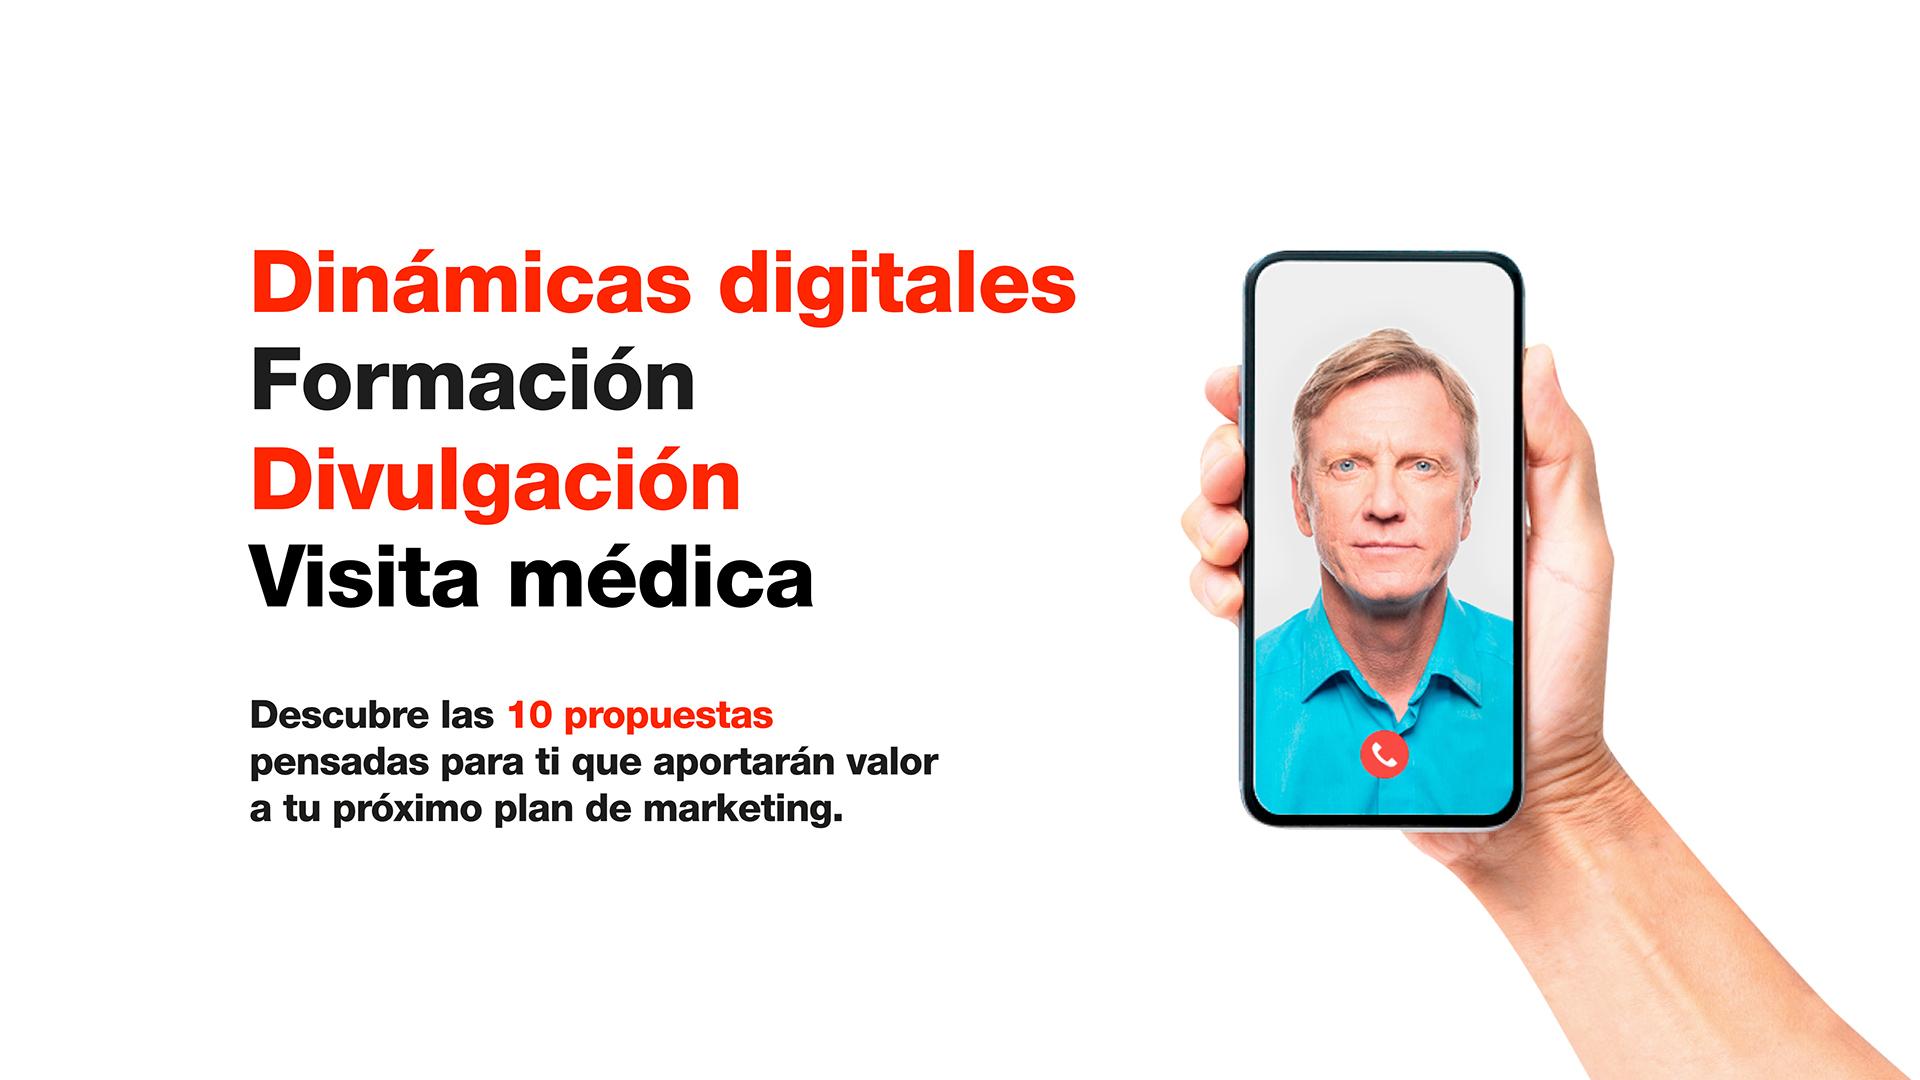 Dinámicas digitales. Formación. Divulgación. Visita médica.